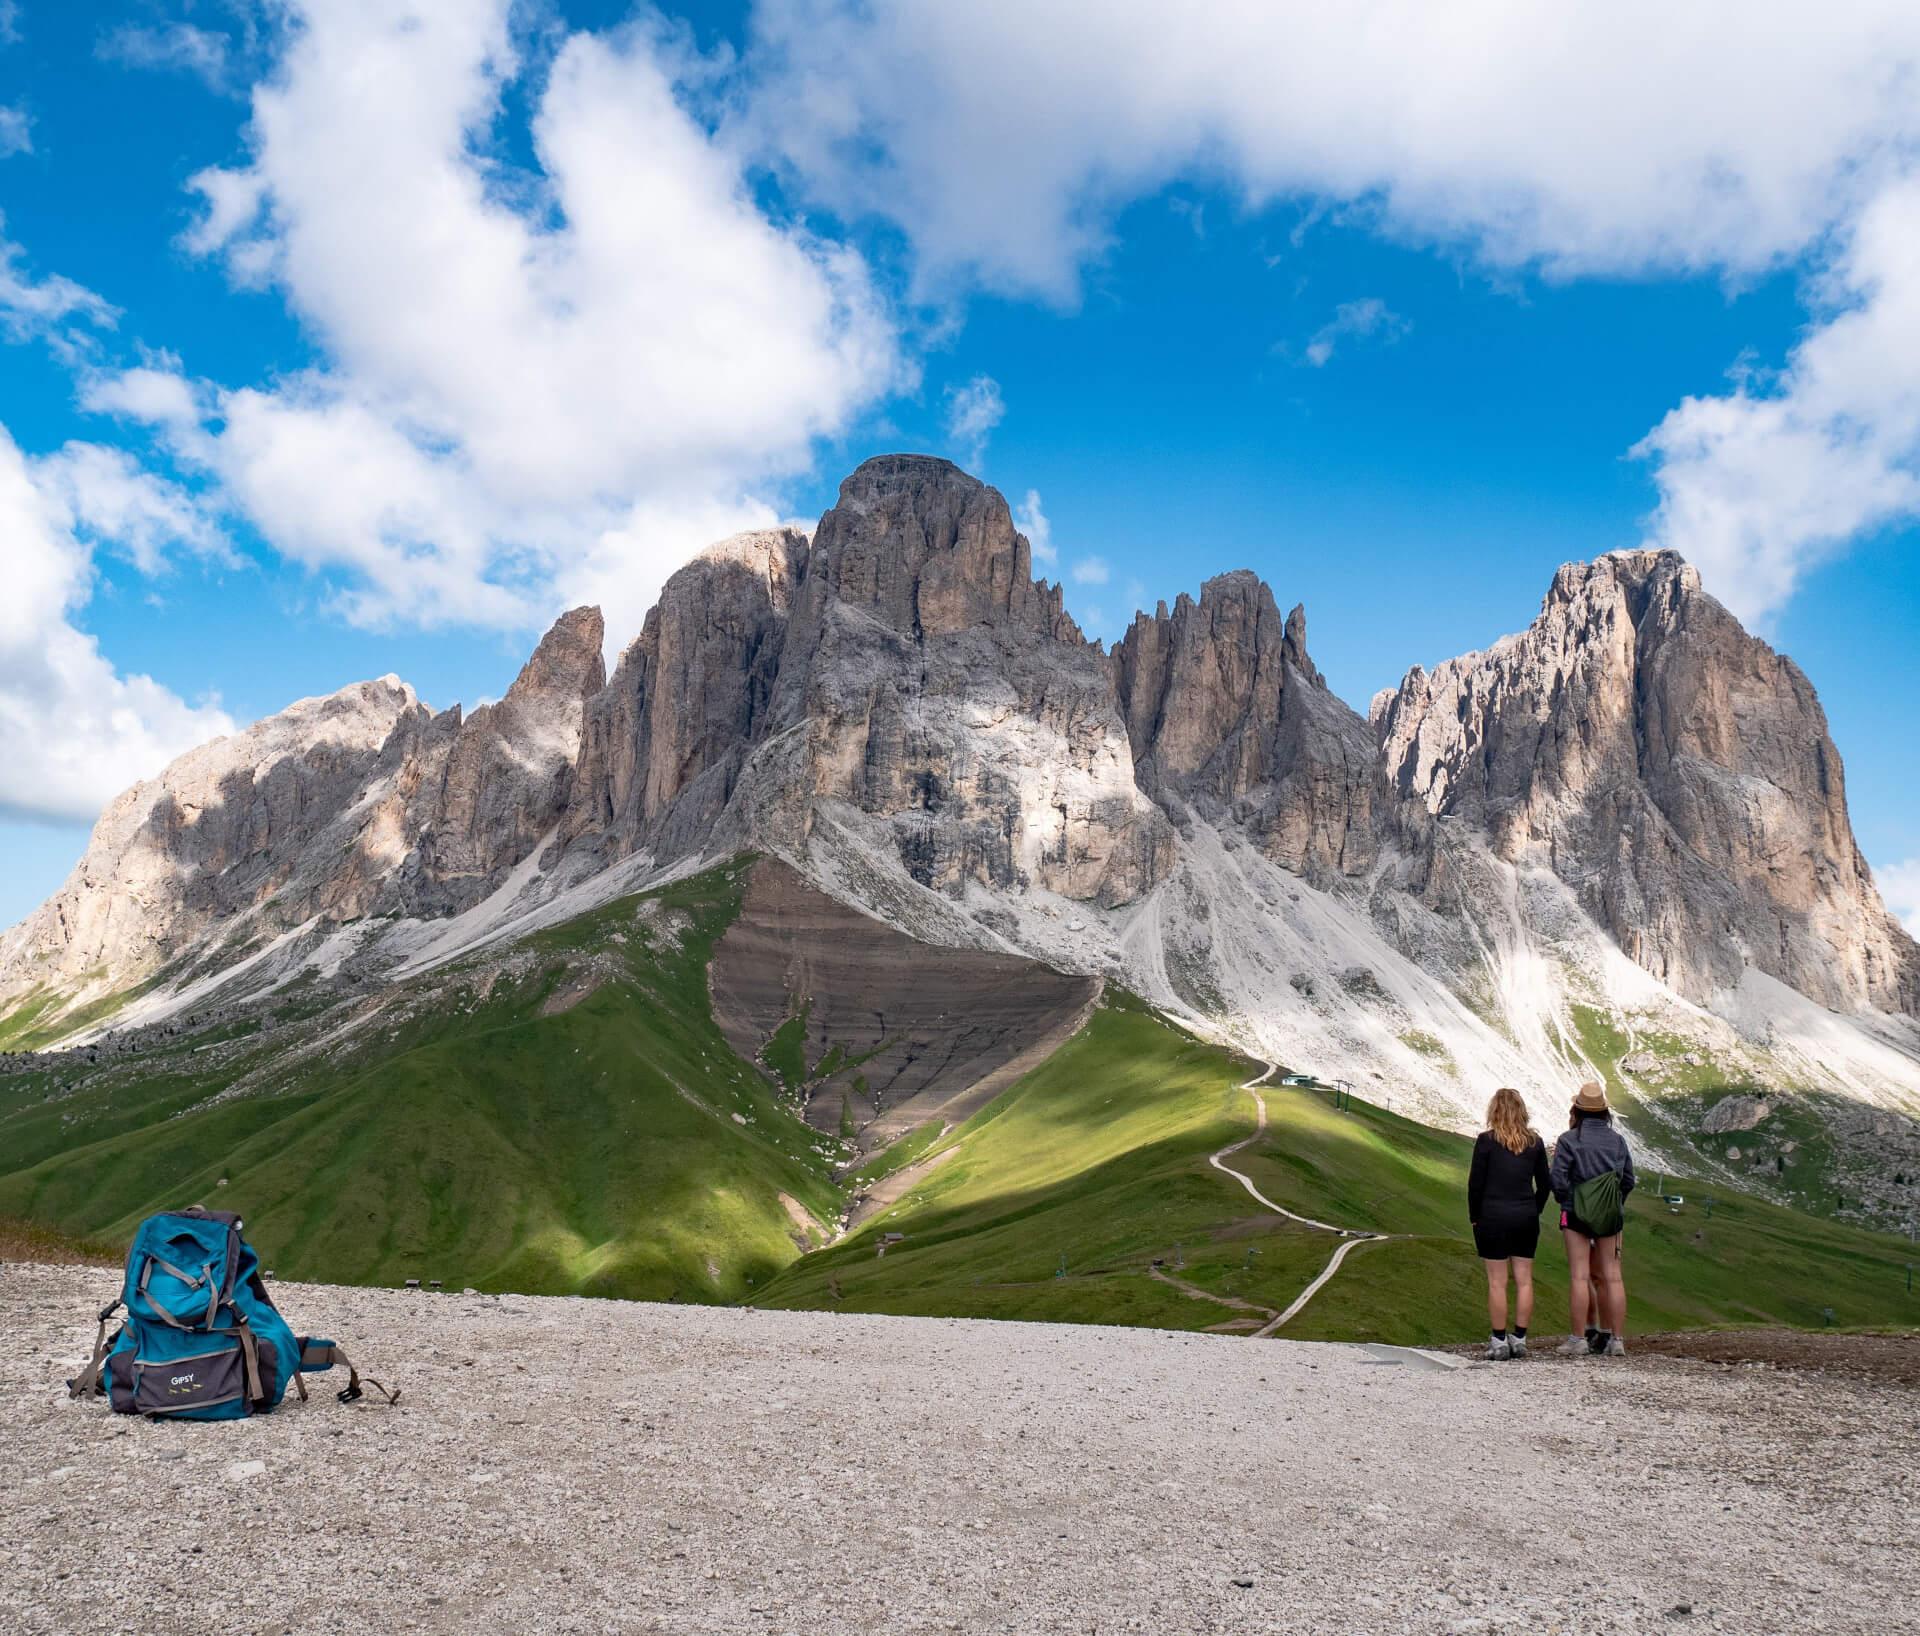 Campitello di Fassa_Trentino_starks-don-pablo-kgui5ZHyqqM-unsplash(1)